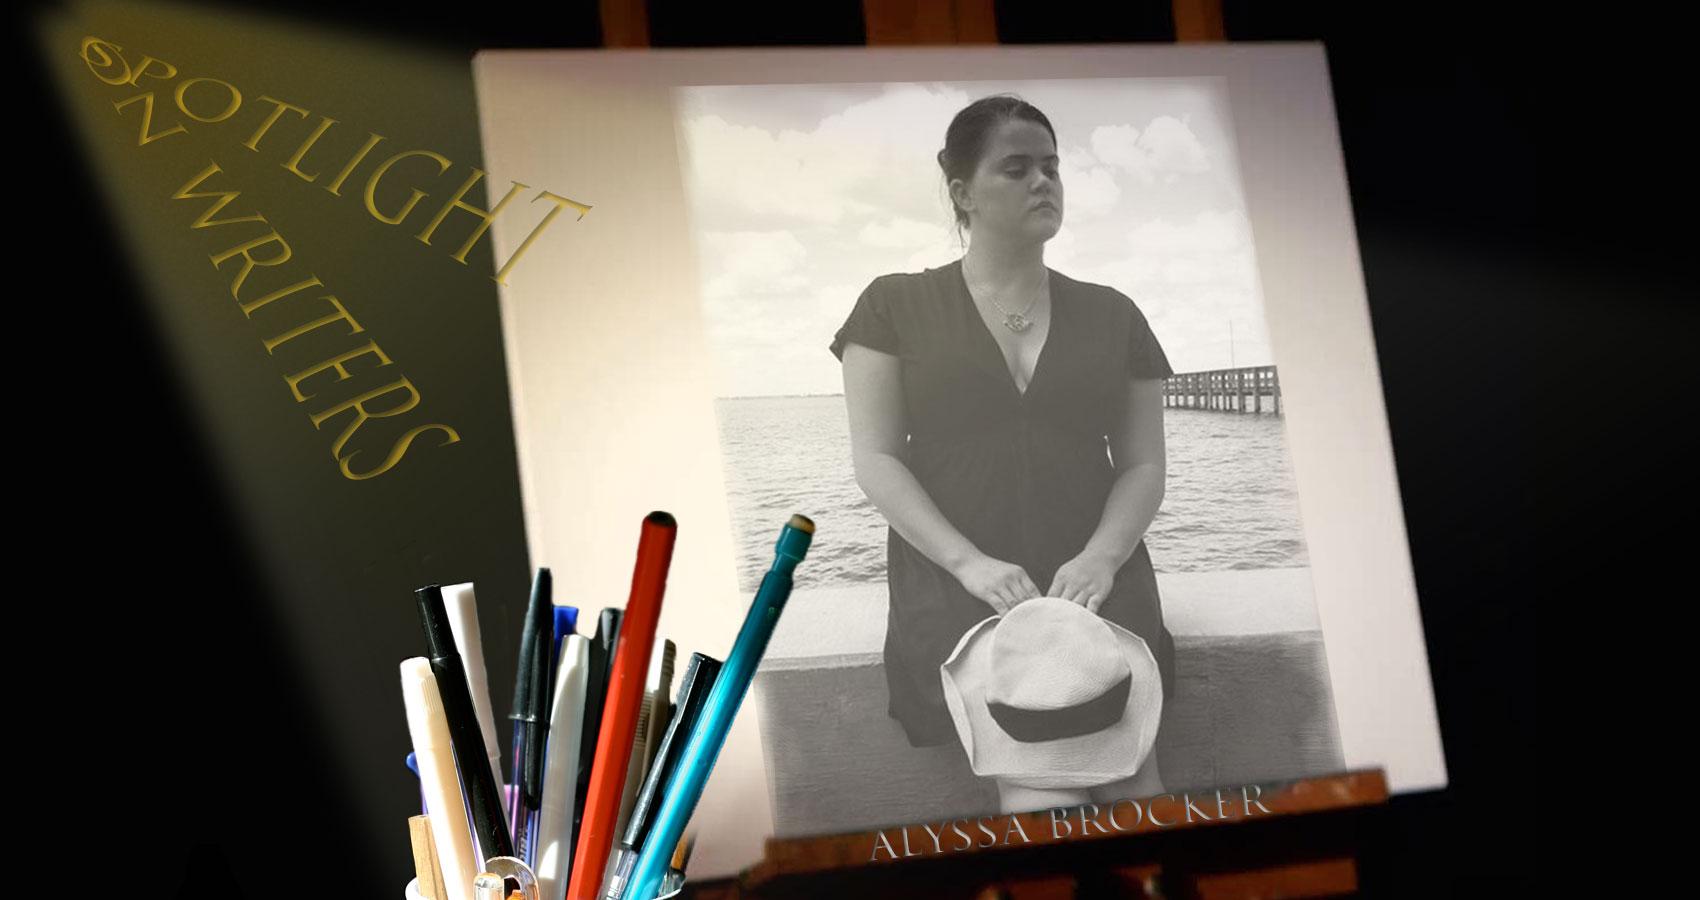 Spotlight On Writers - Alyssa Brocker at Spillwords.com